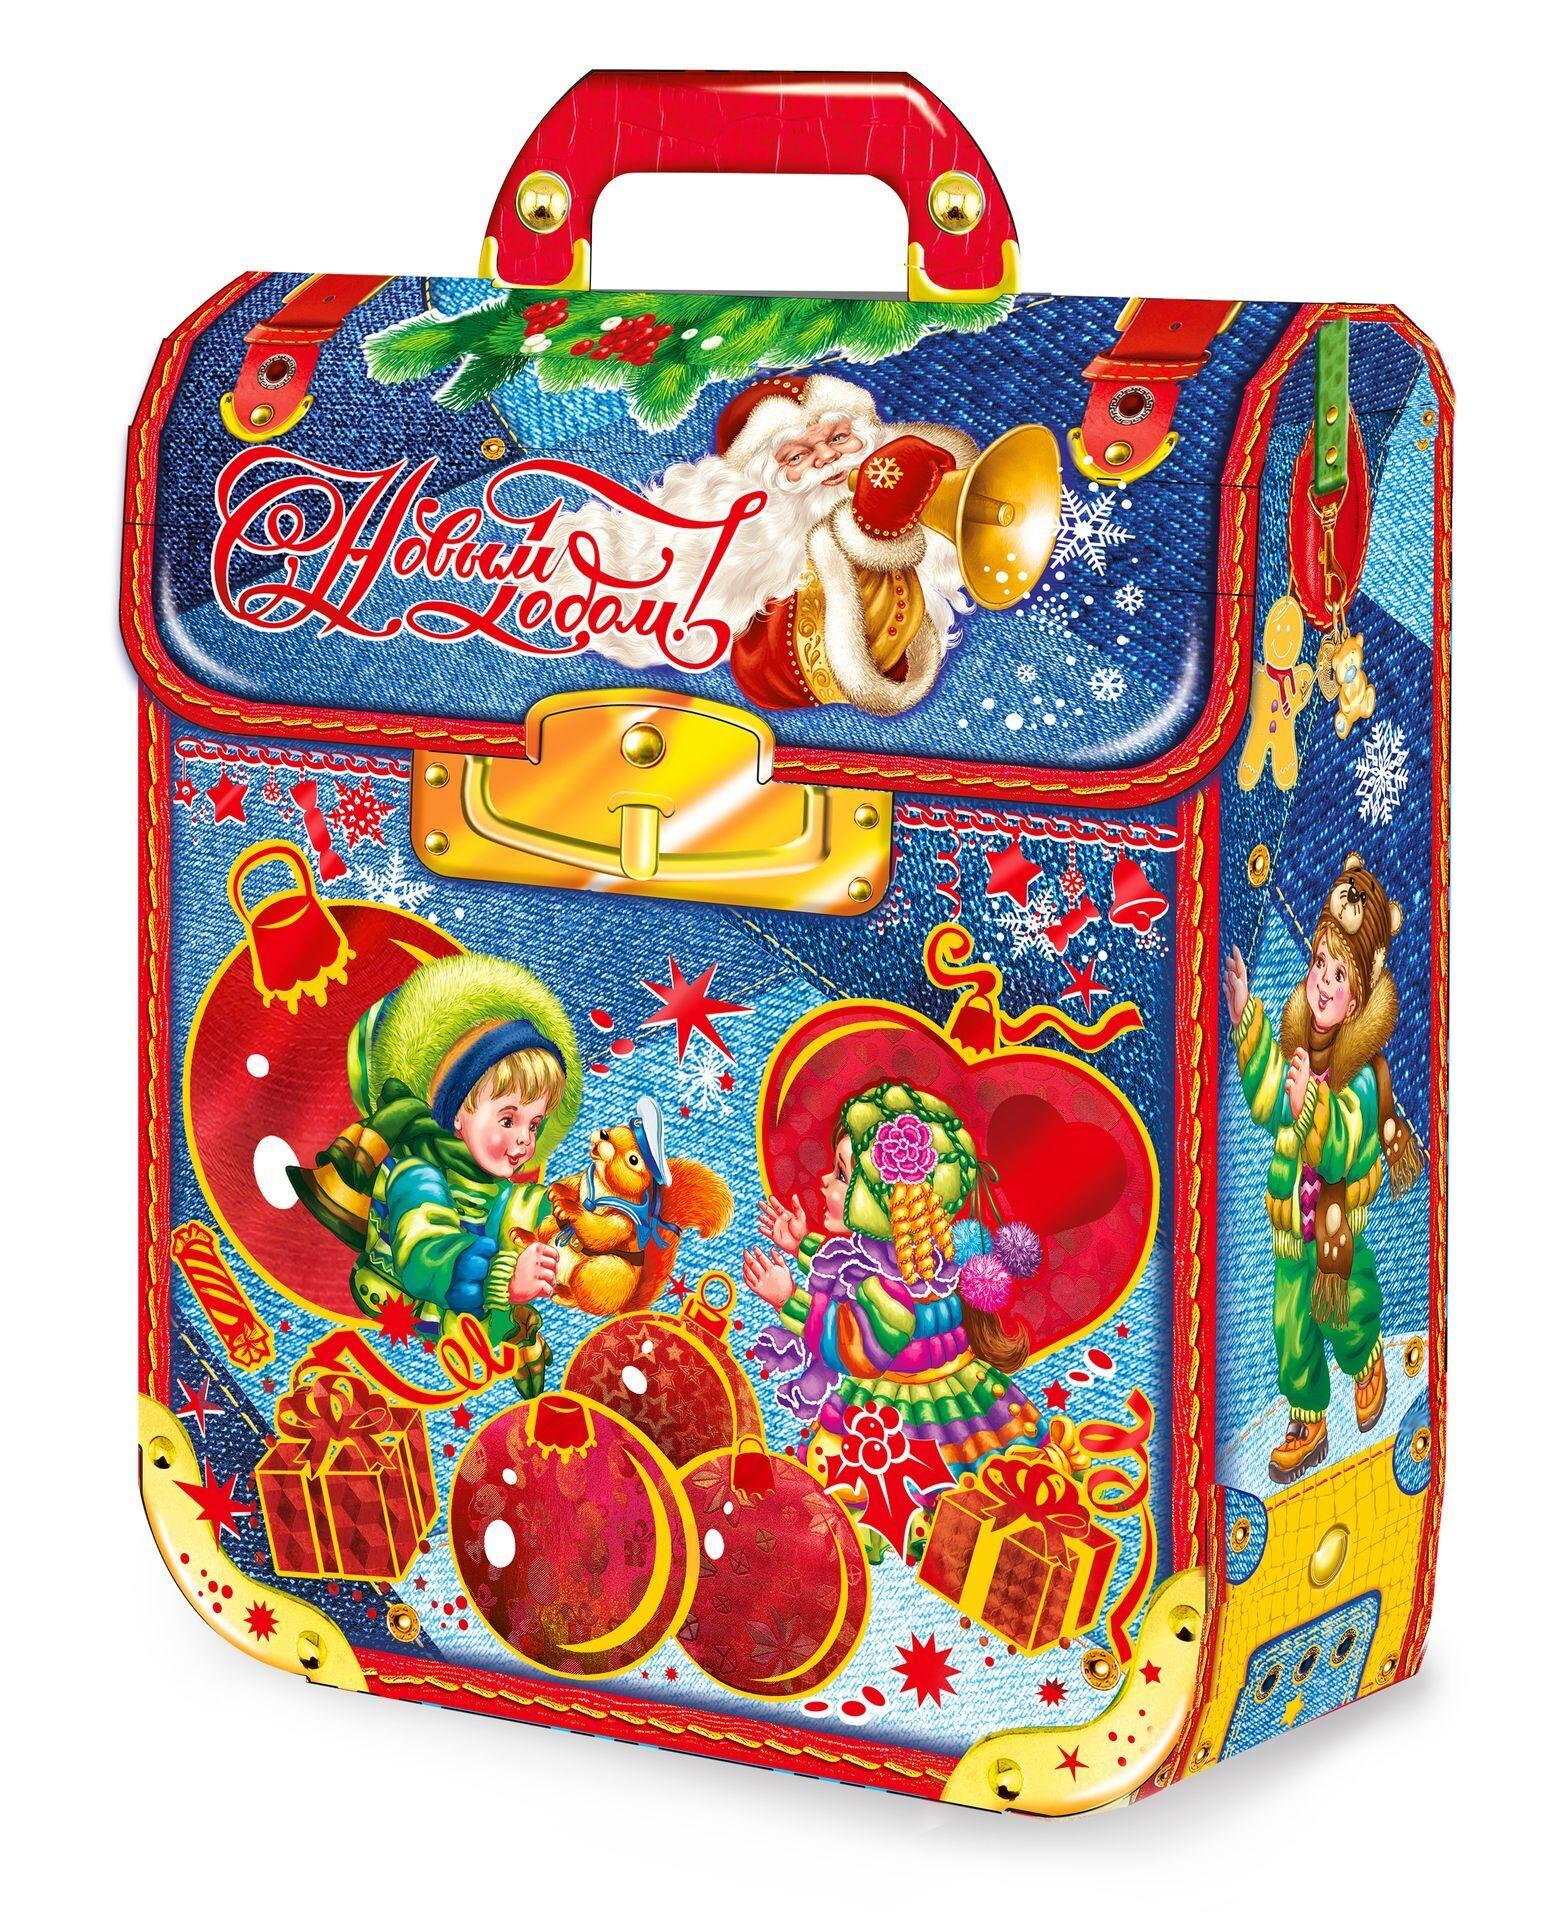 Сладкие подарки в Брянске - Кондитерские изделия брянск 14